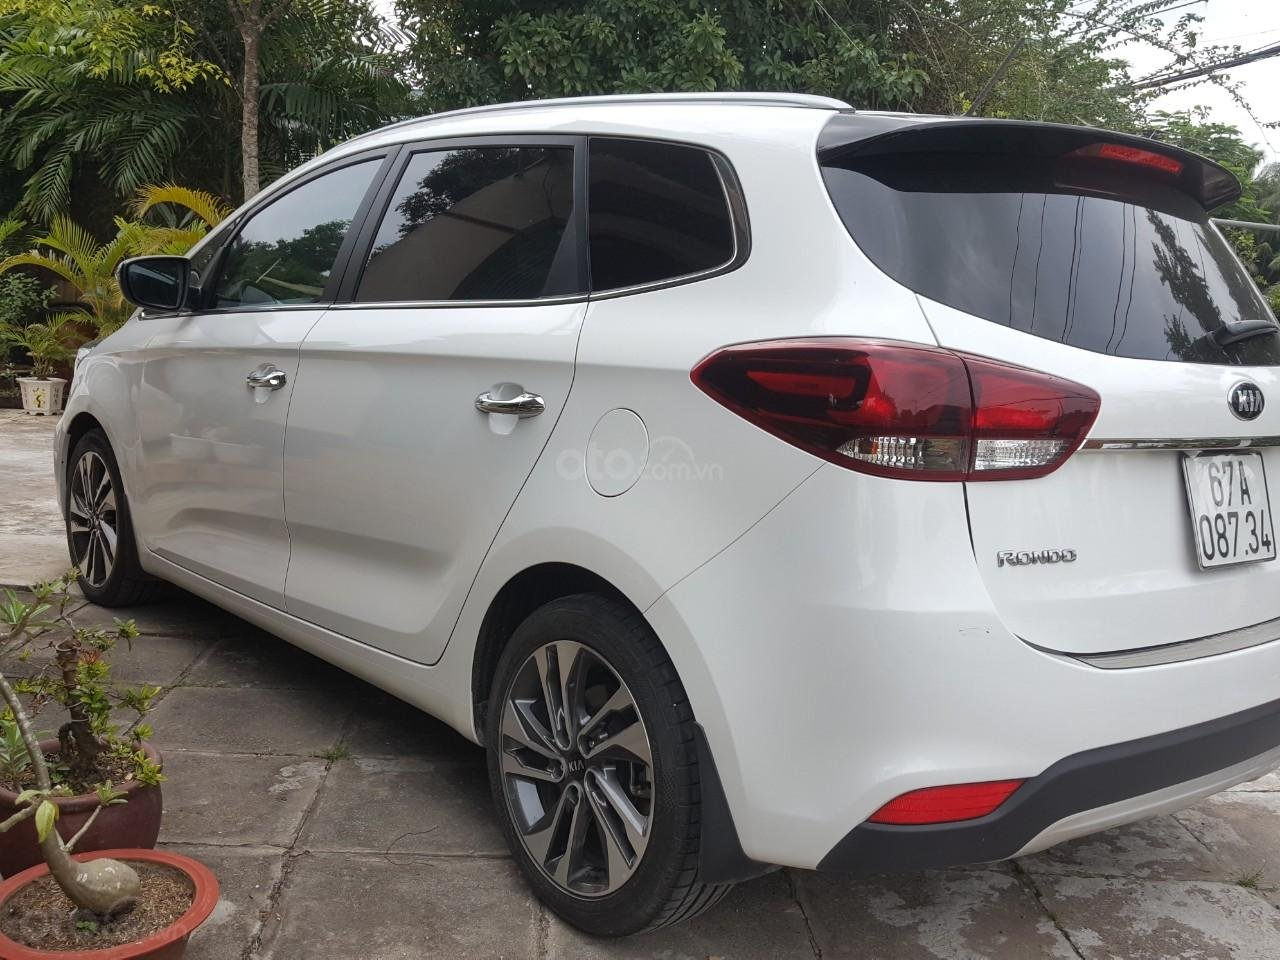 Bán Kia Rondo GAT 2.0AT màu trắng, máy xăng, số tự động, sản xuất 2018, đi 23000km (12)